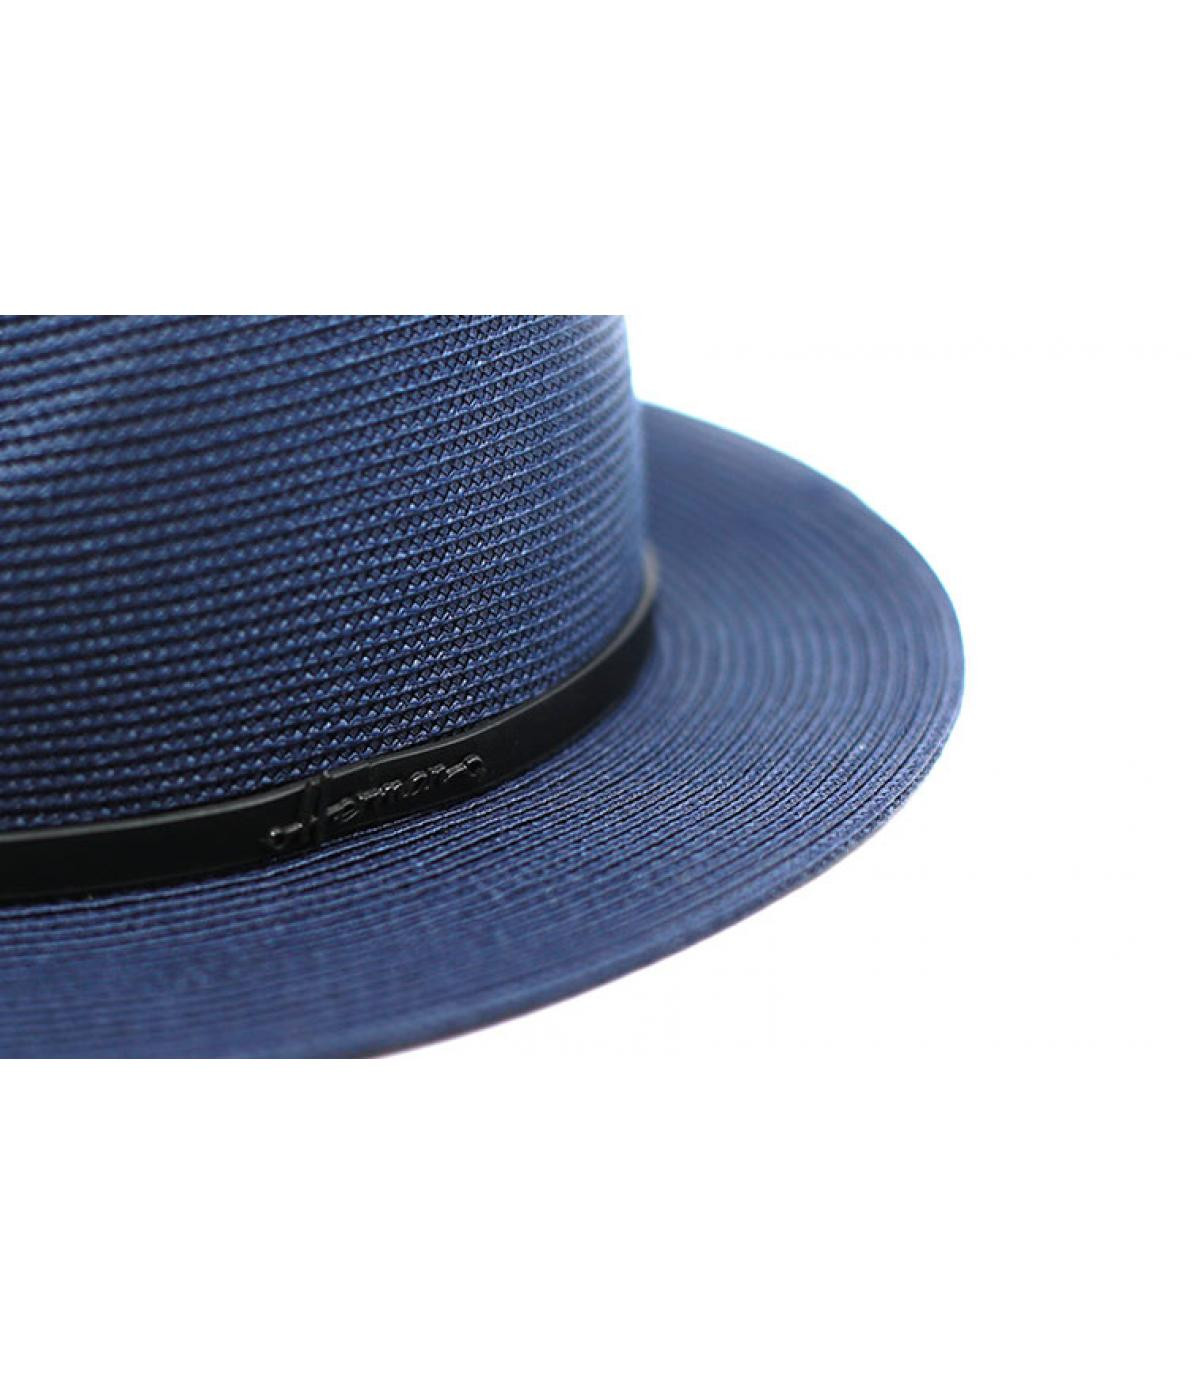 Détails Mac Field blue - image 3